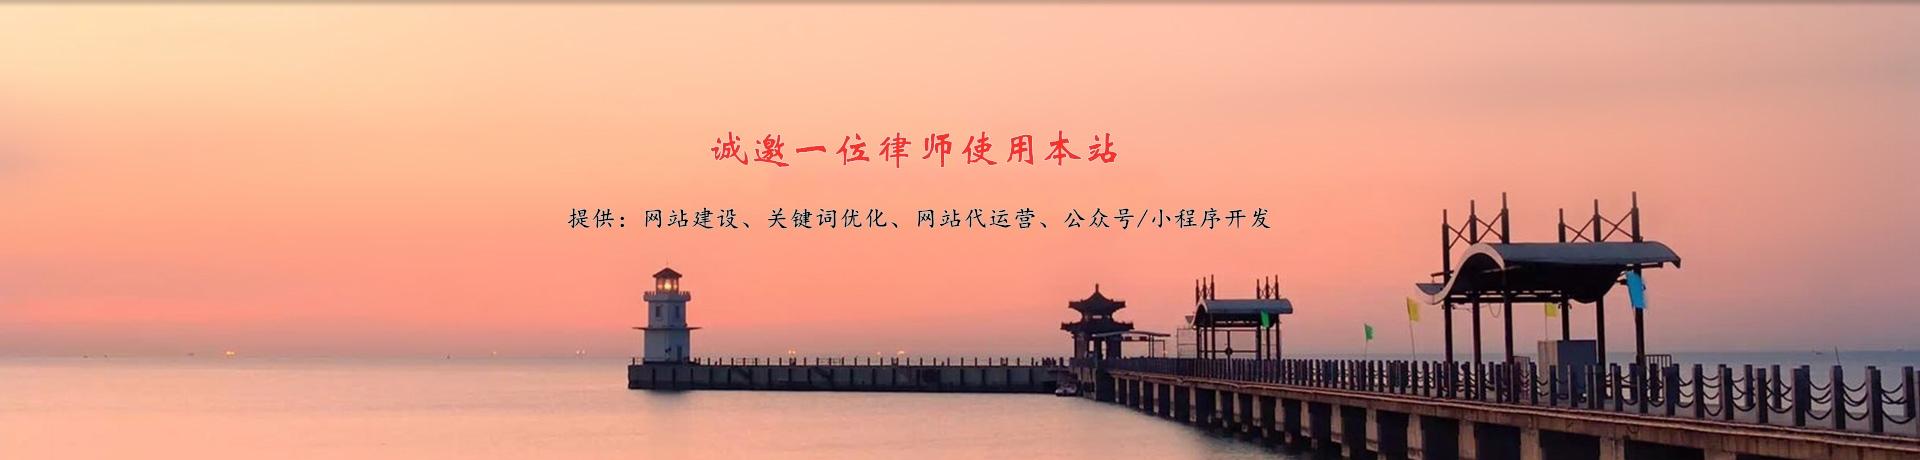 上海毒品律师大图一